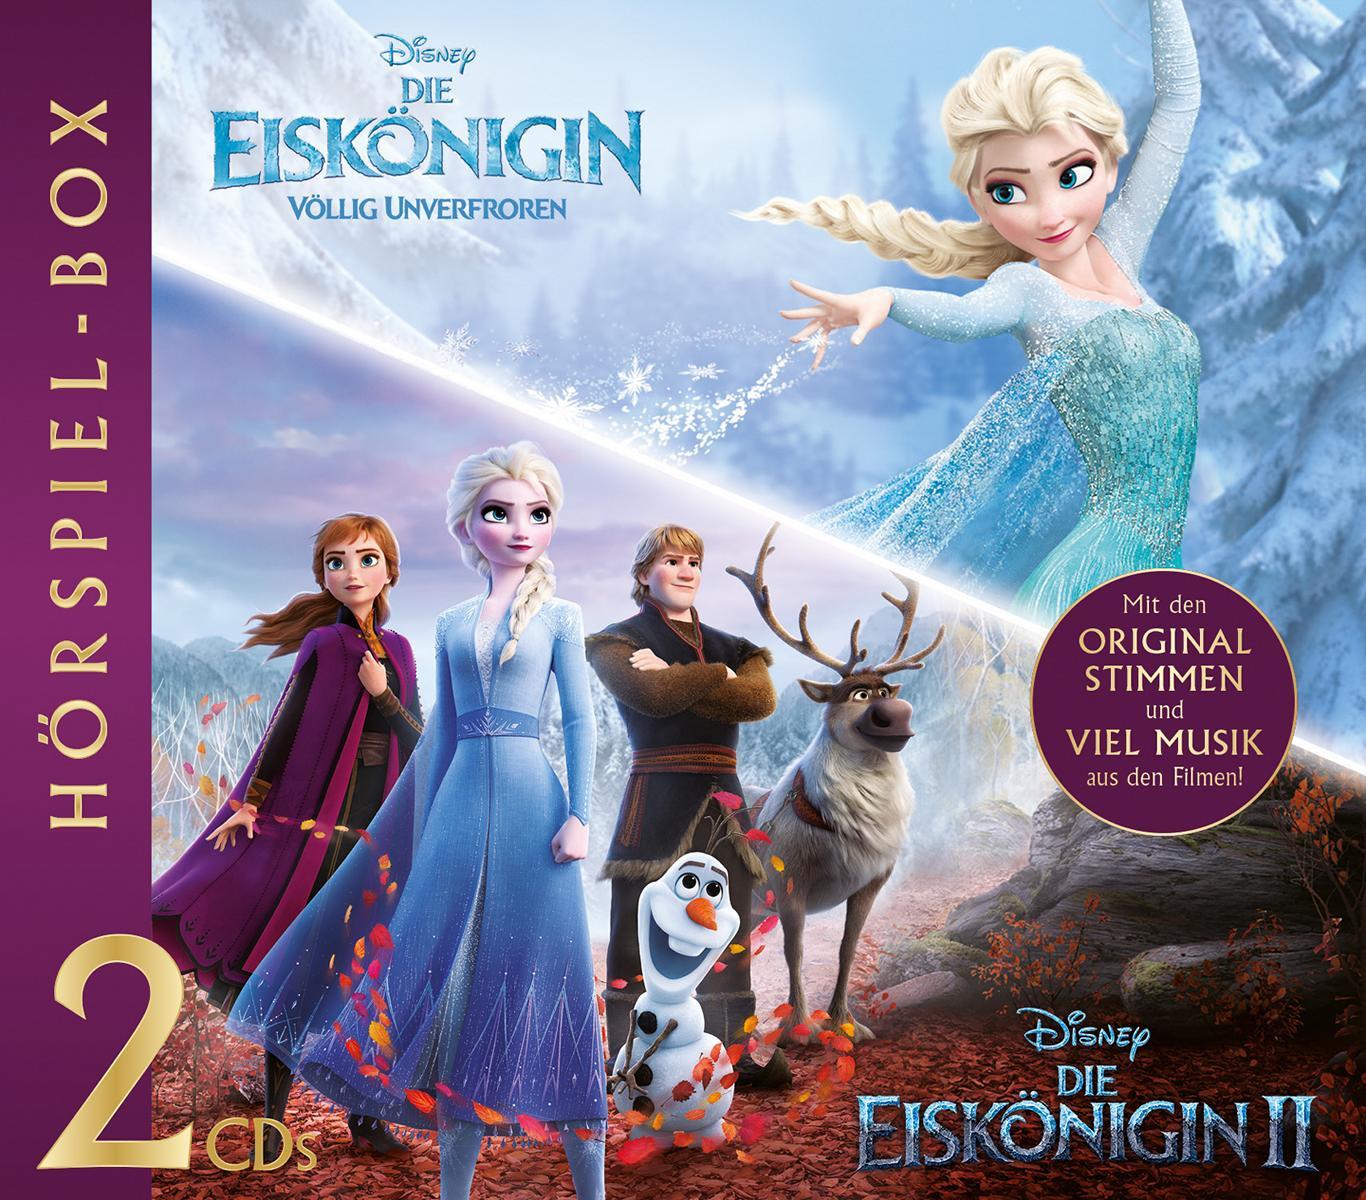 Die Eiskönigin 2 Disney Plus